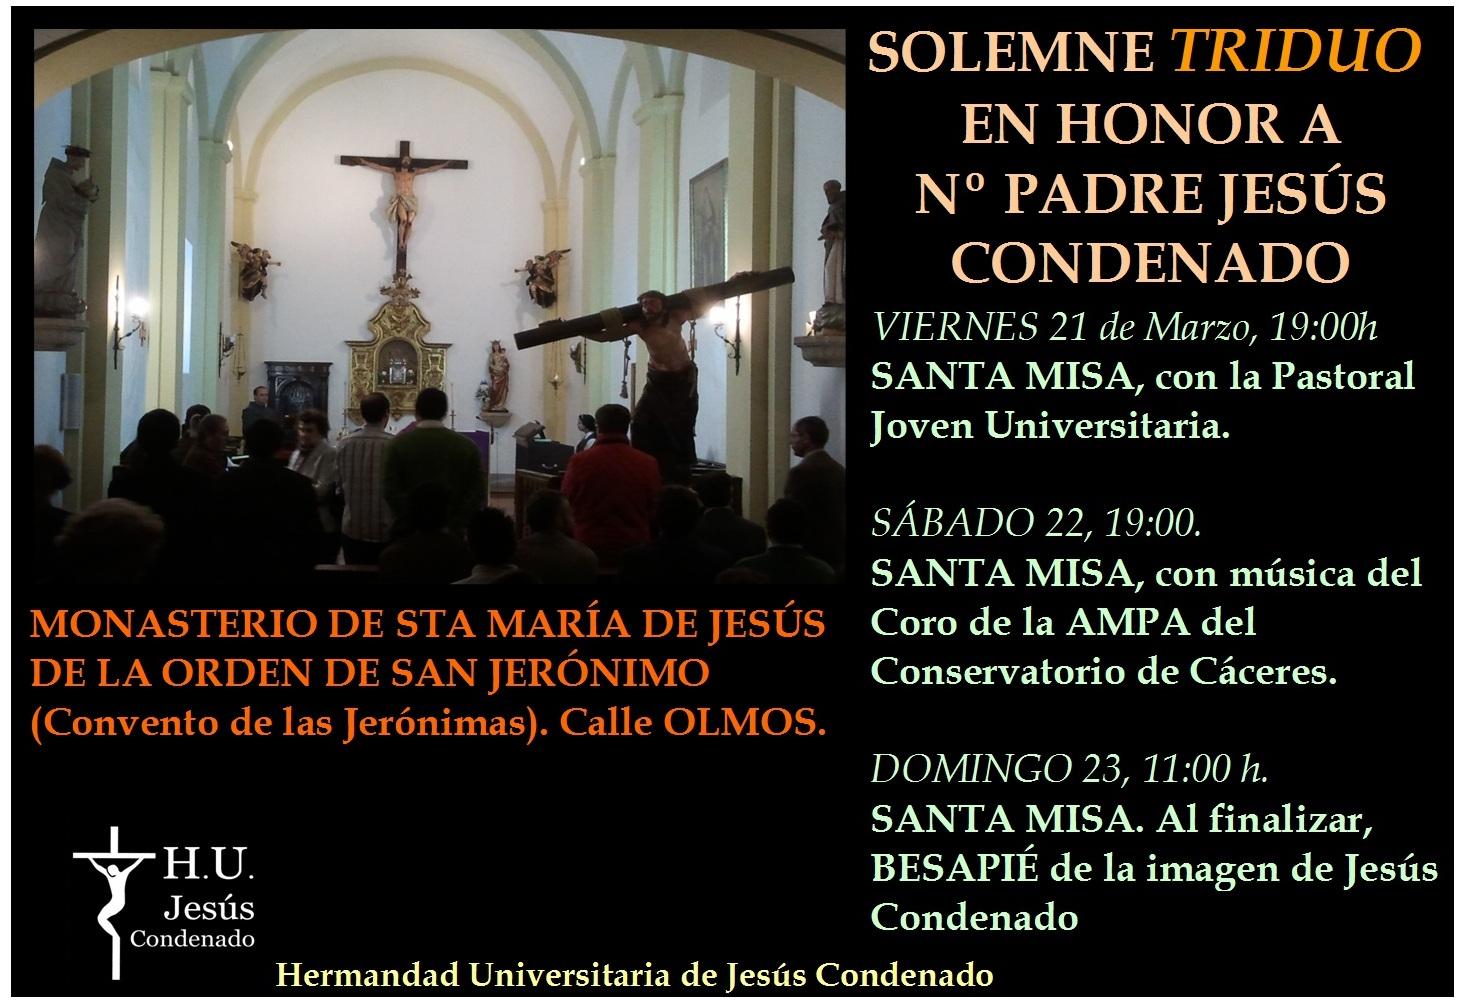 Cartel del triduo a Jesús Condenado2014